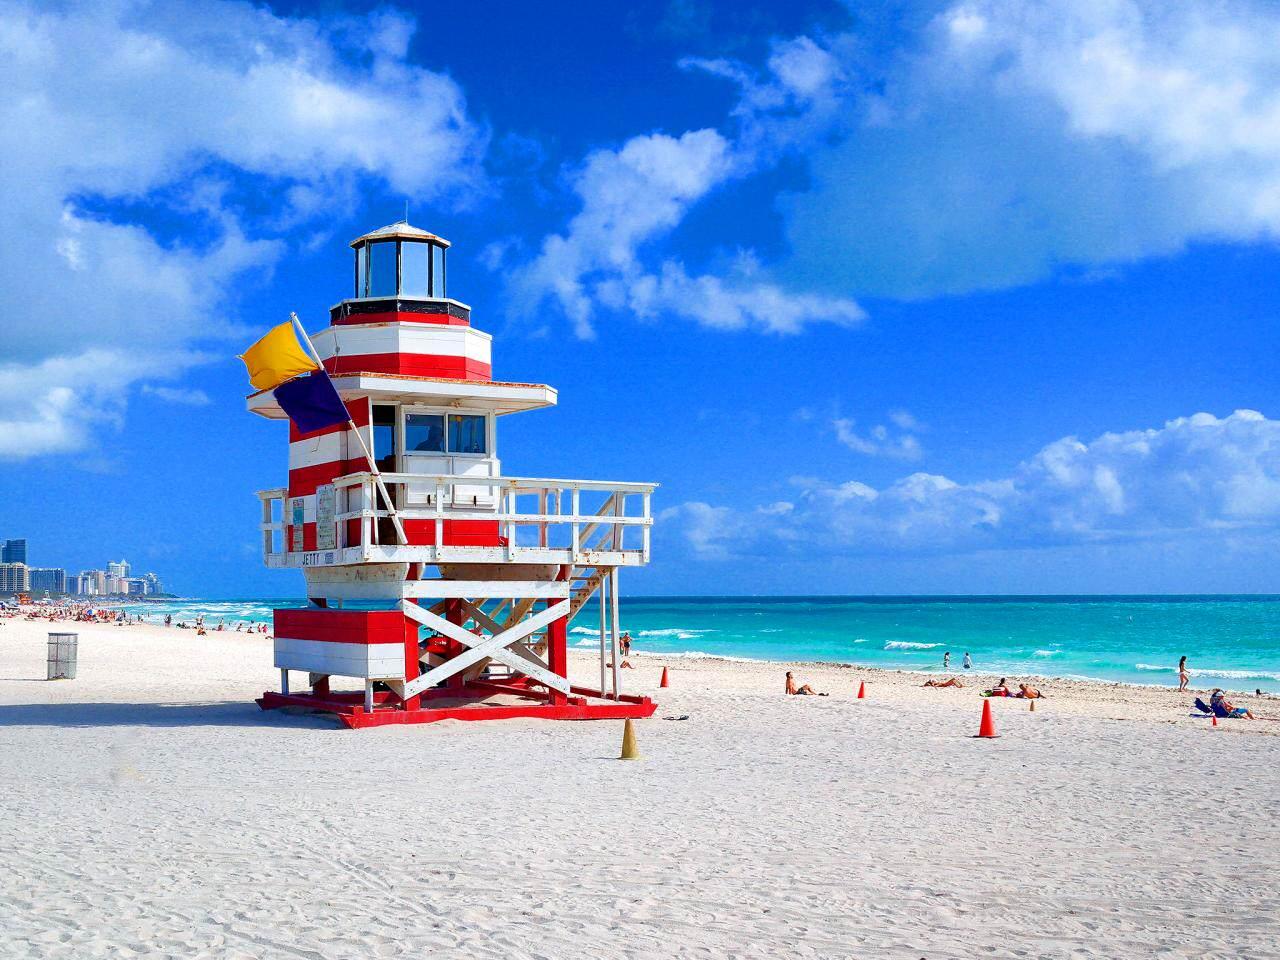 Roteiro de 3 dias em Miami 8 dicas Viaje Global